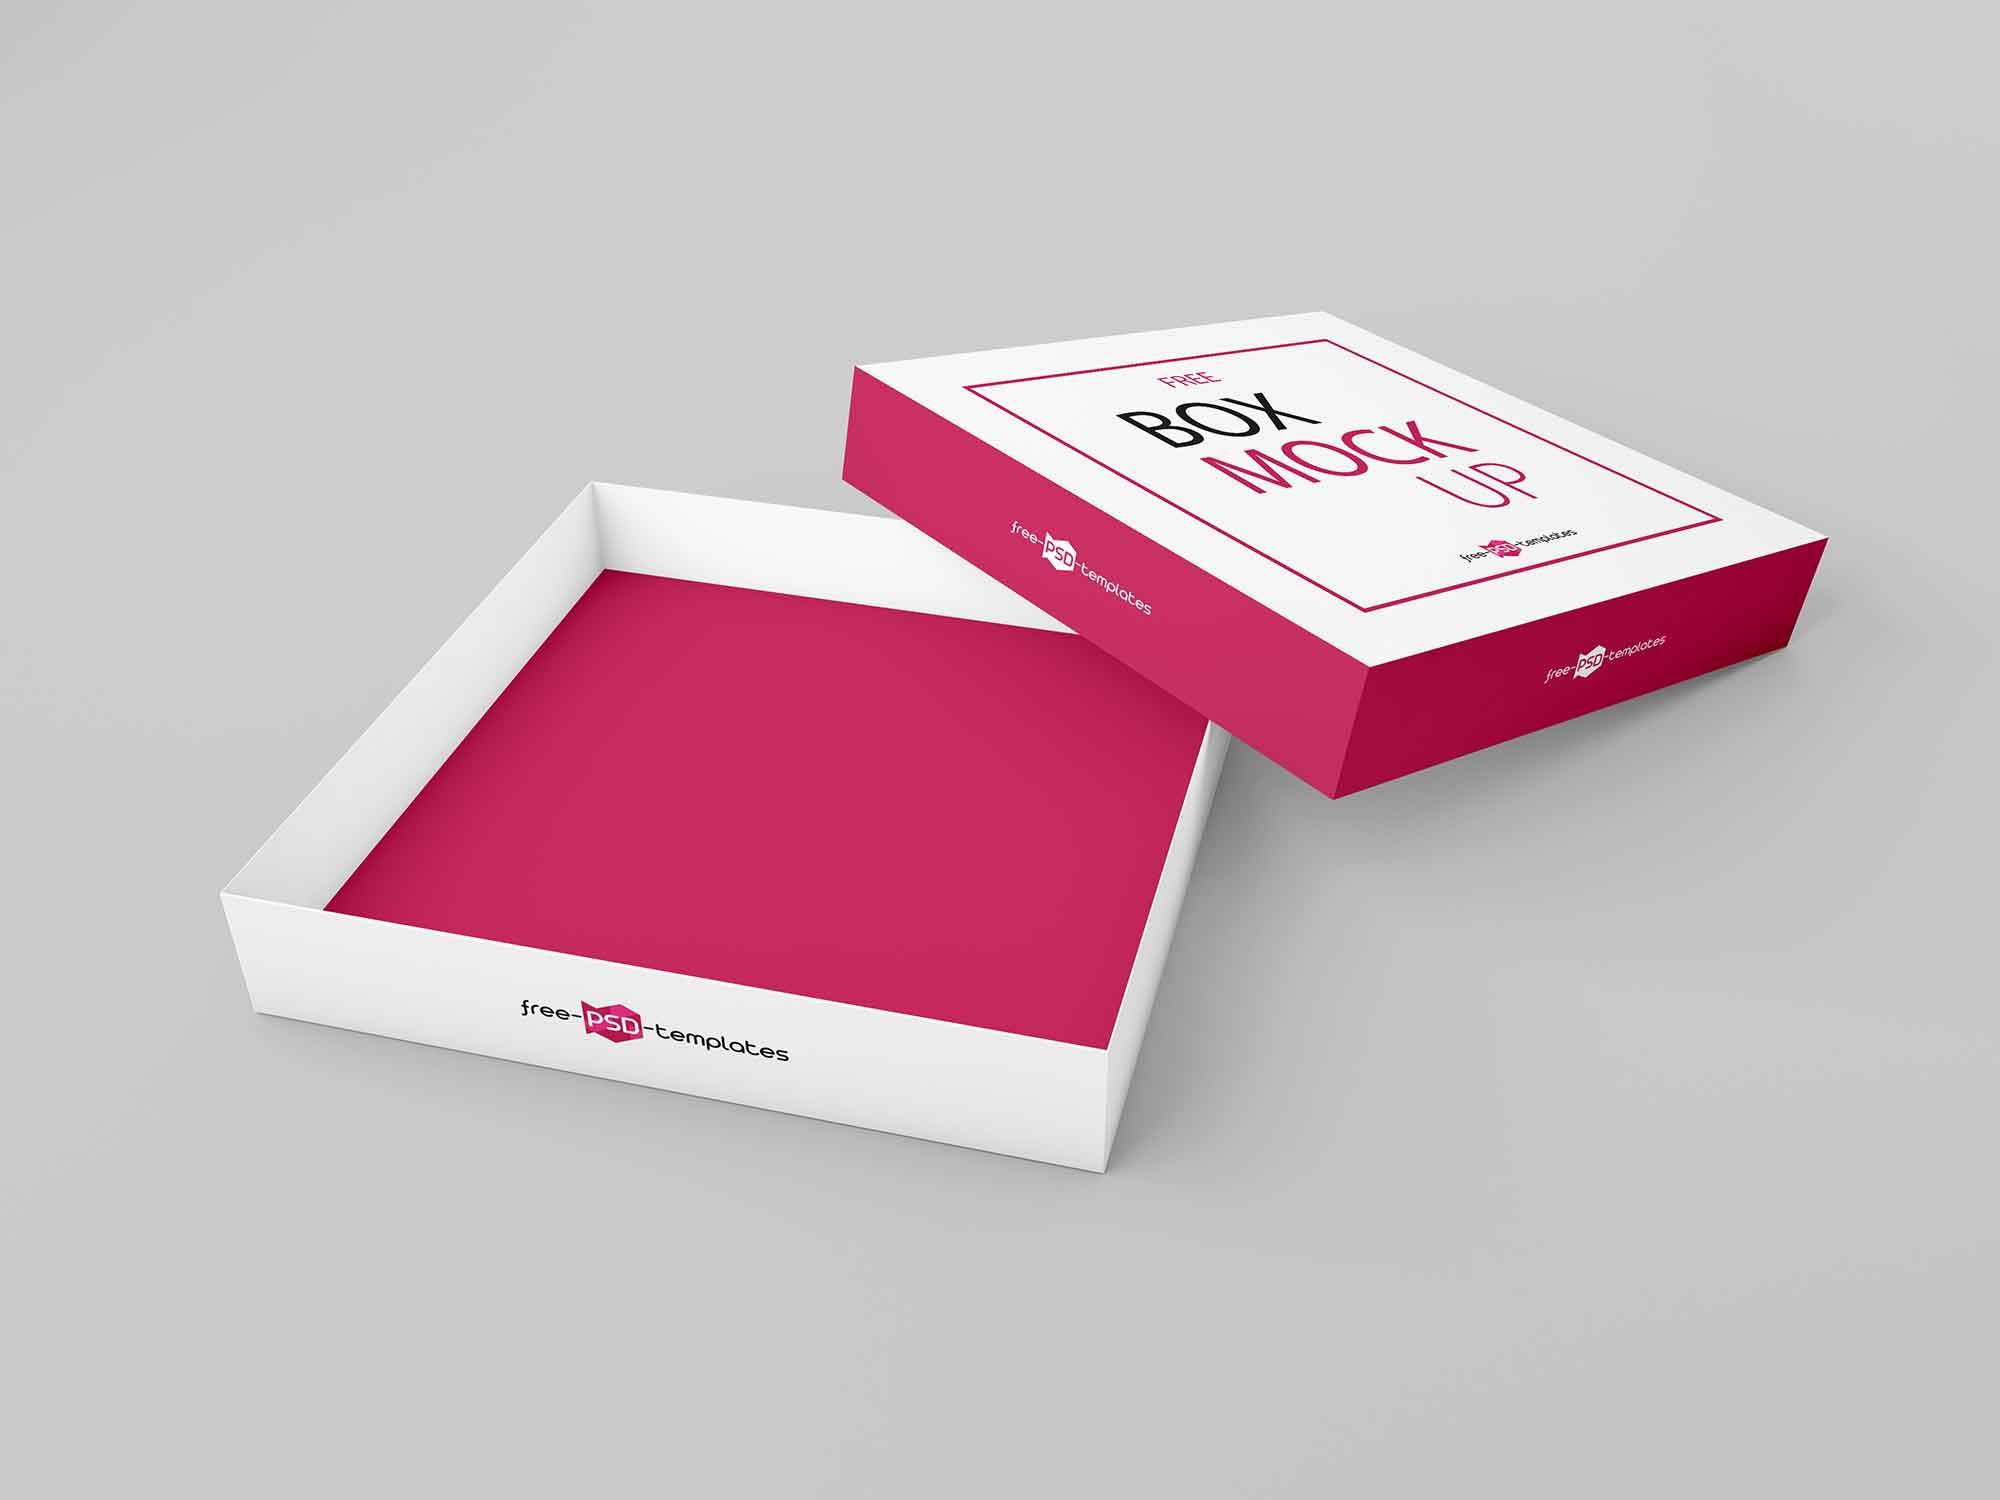 Thin Square Box Mockup 2